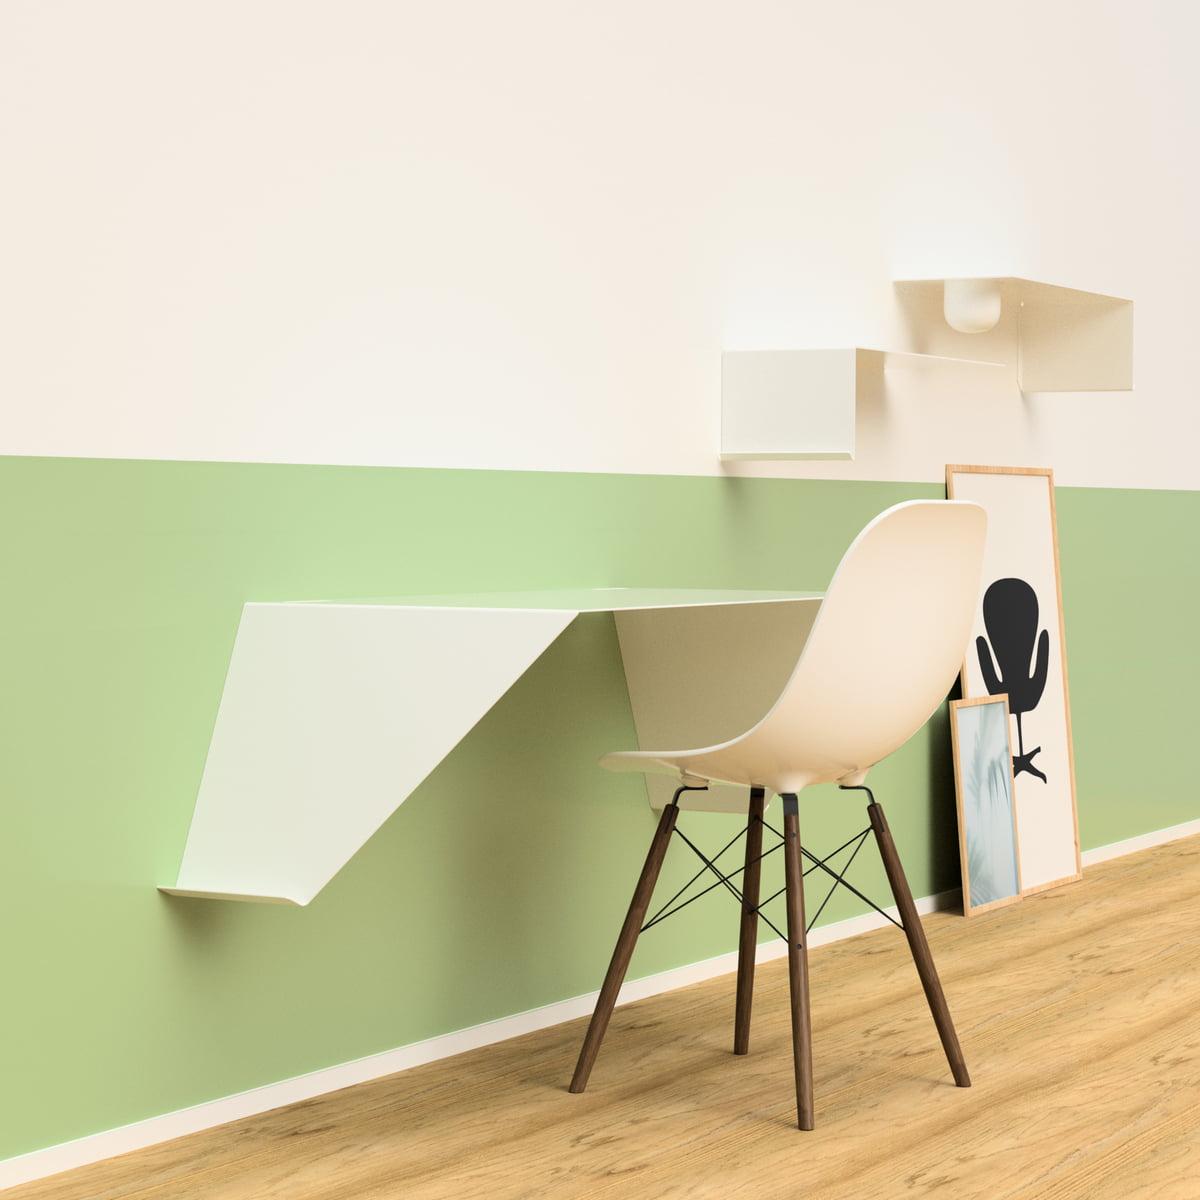 nichba design bureau mural desk01. Black Bedroom Furniture Sets. Home Design Ideas